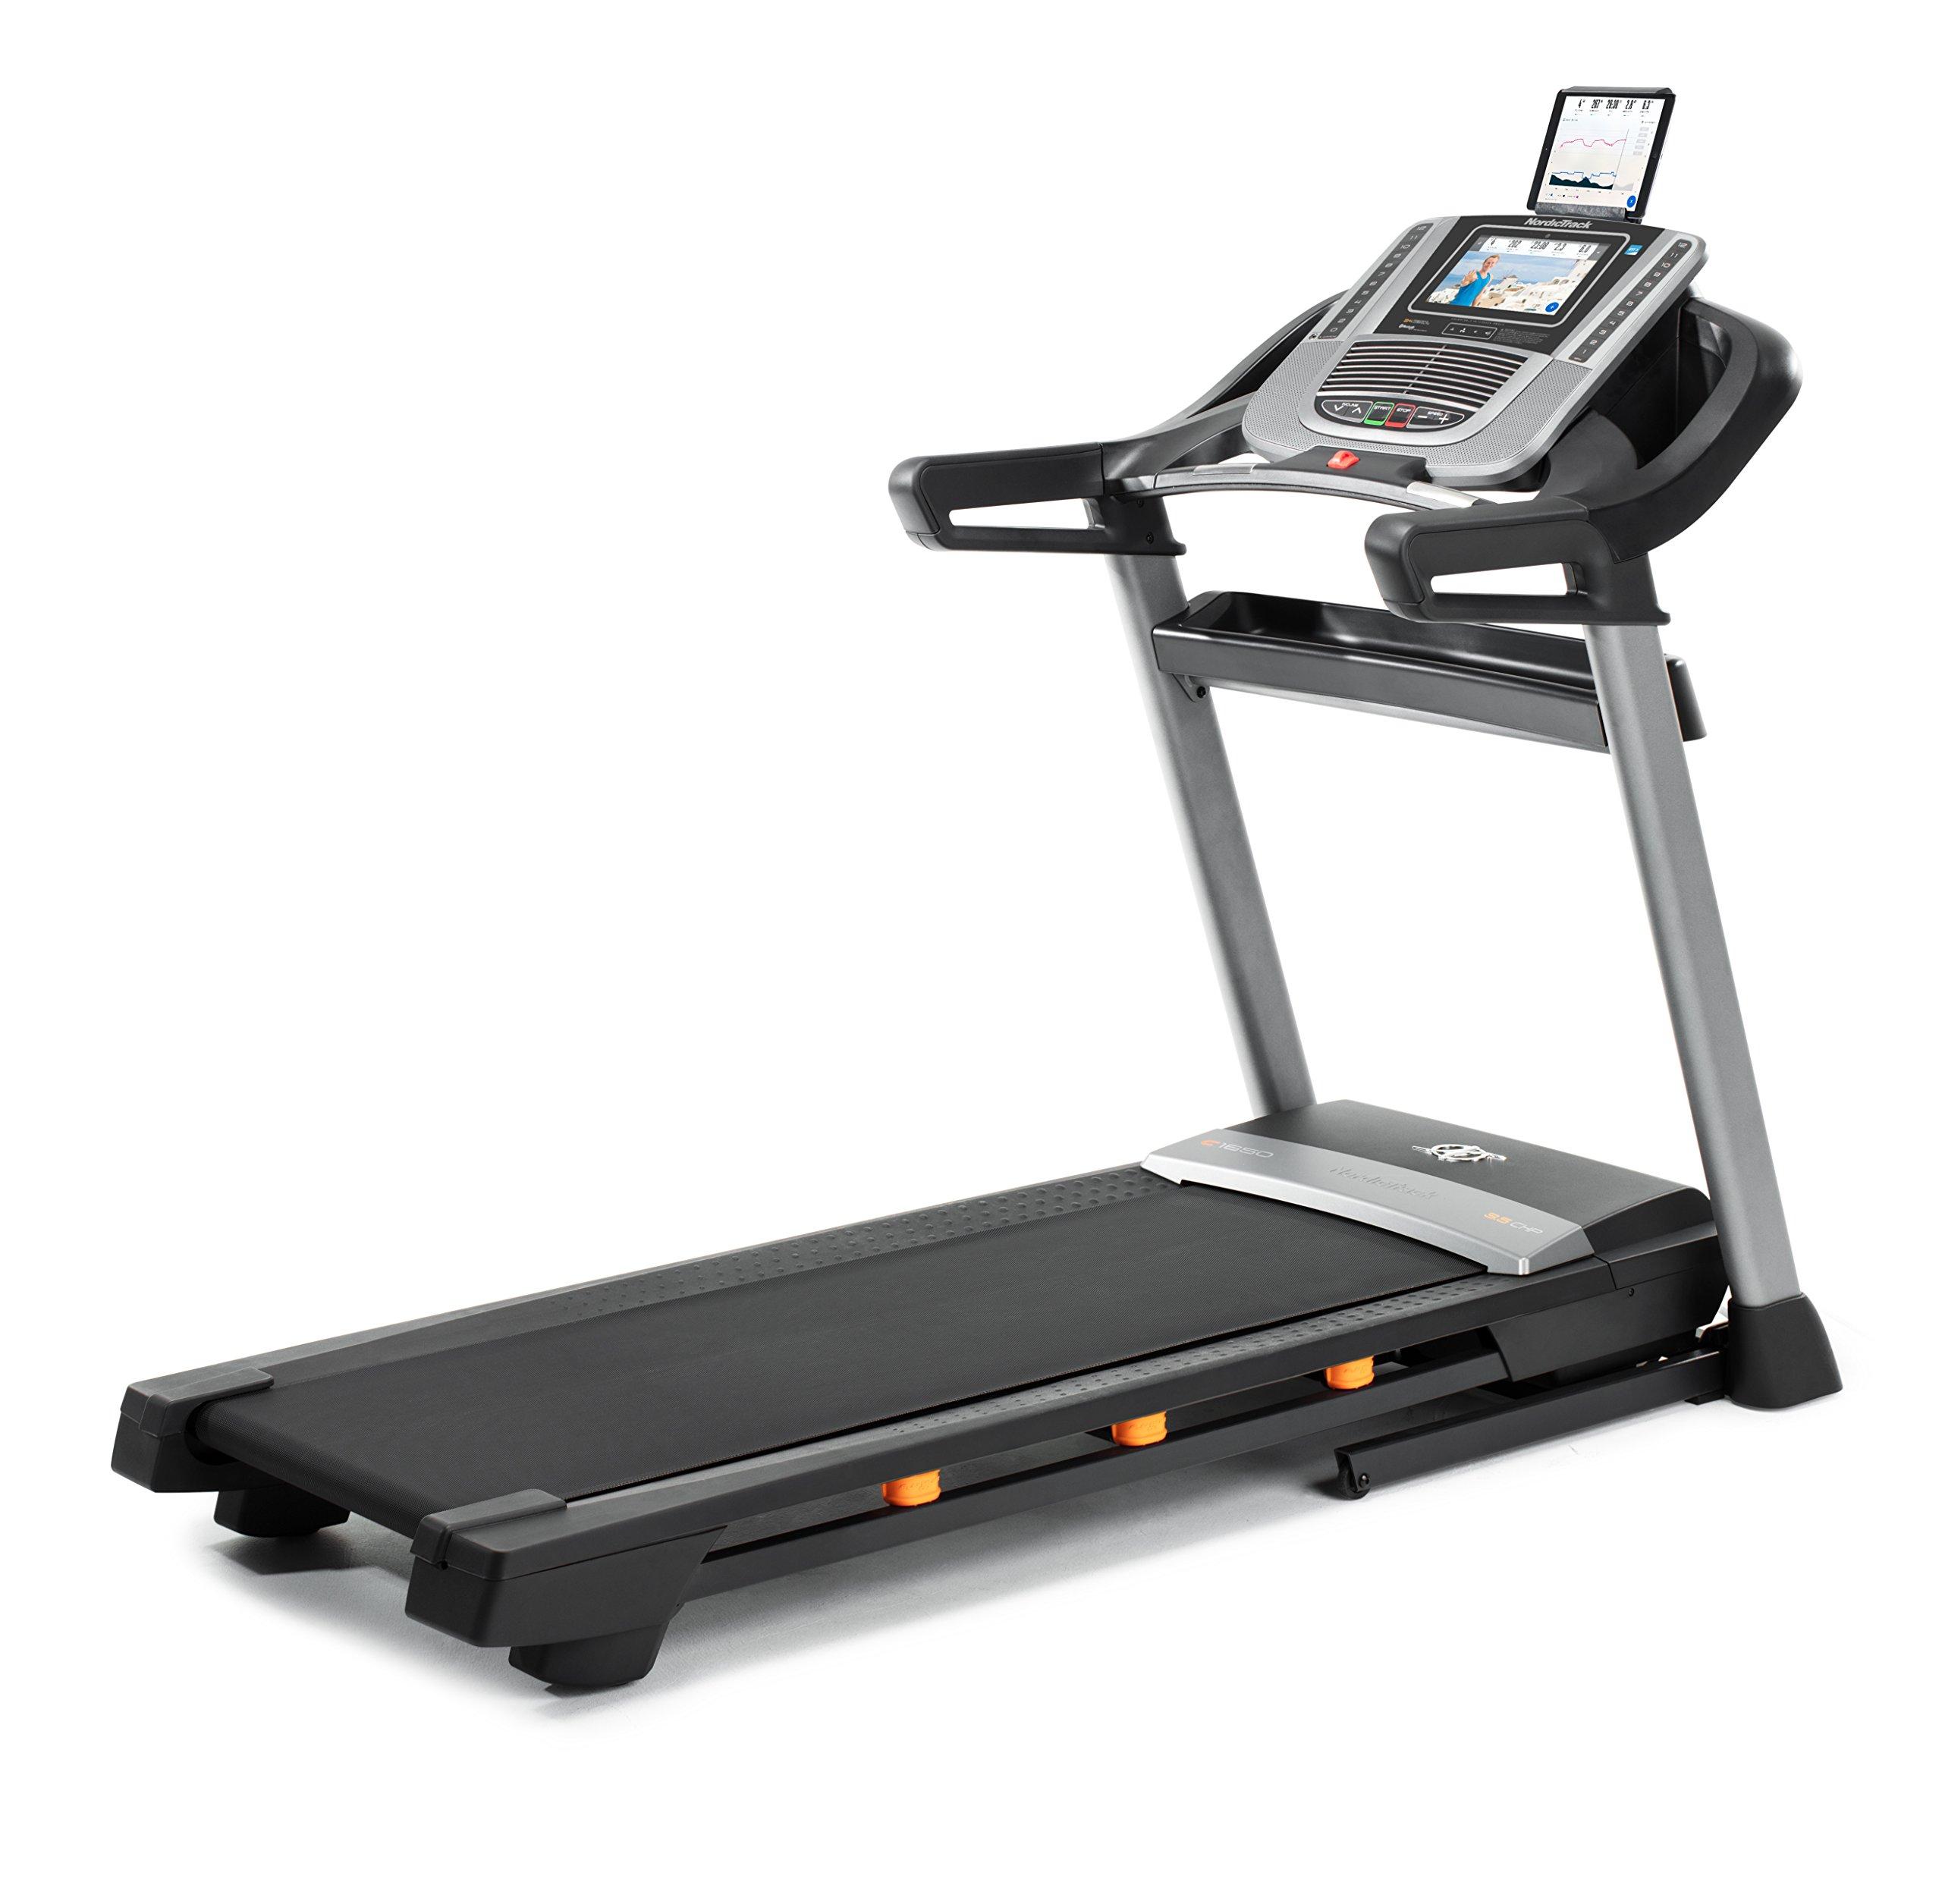 NordicTrack C 1650 Treadmill by NordicTrack